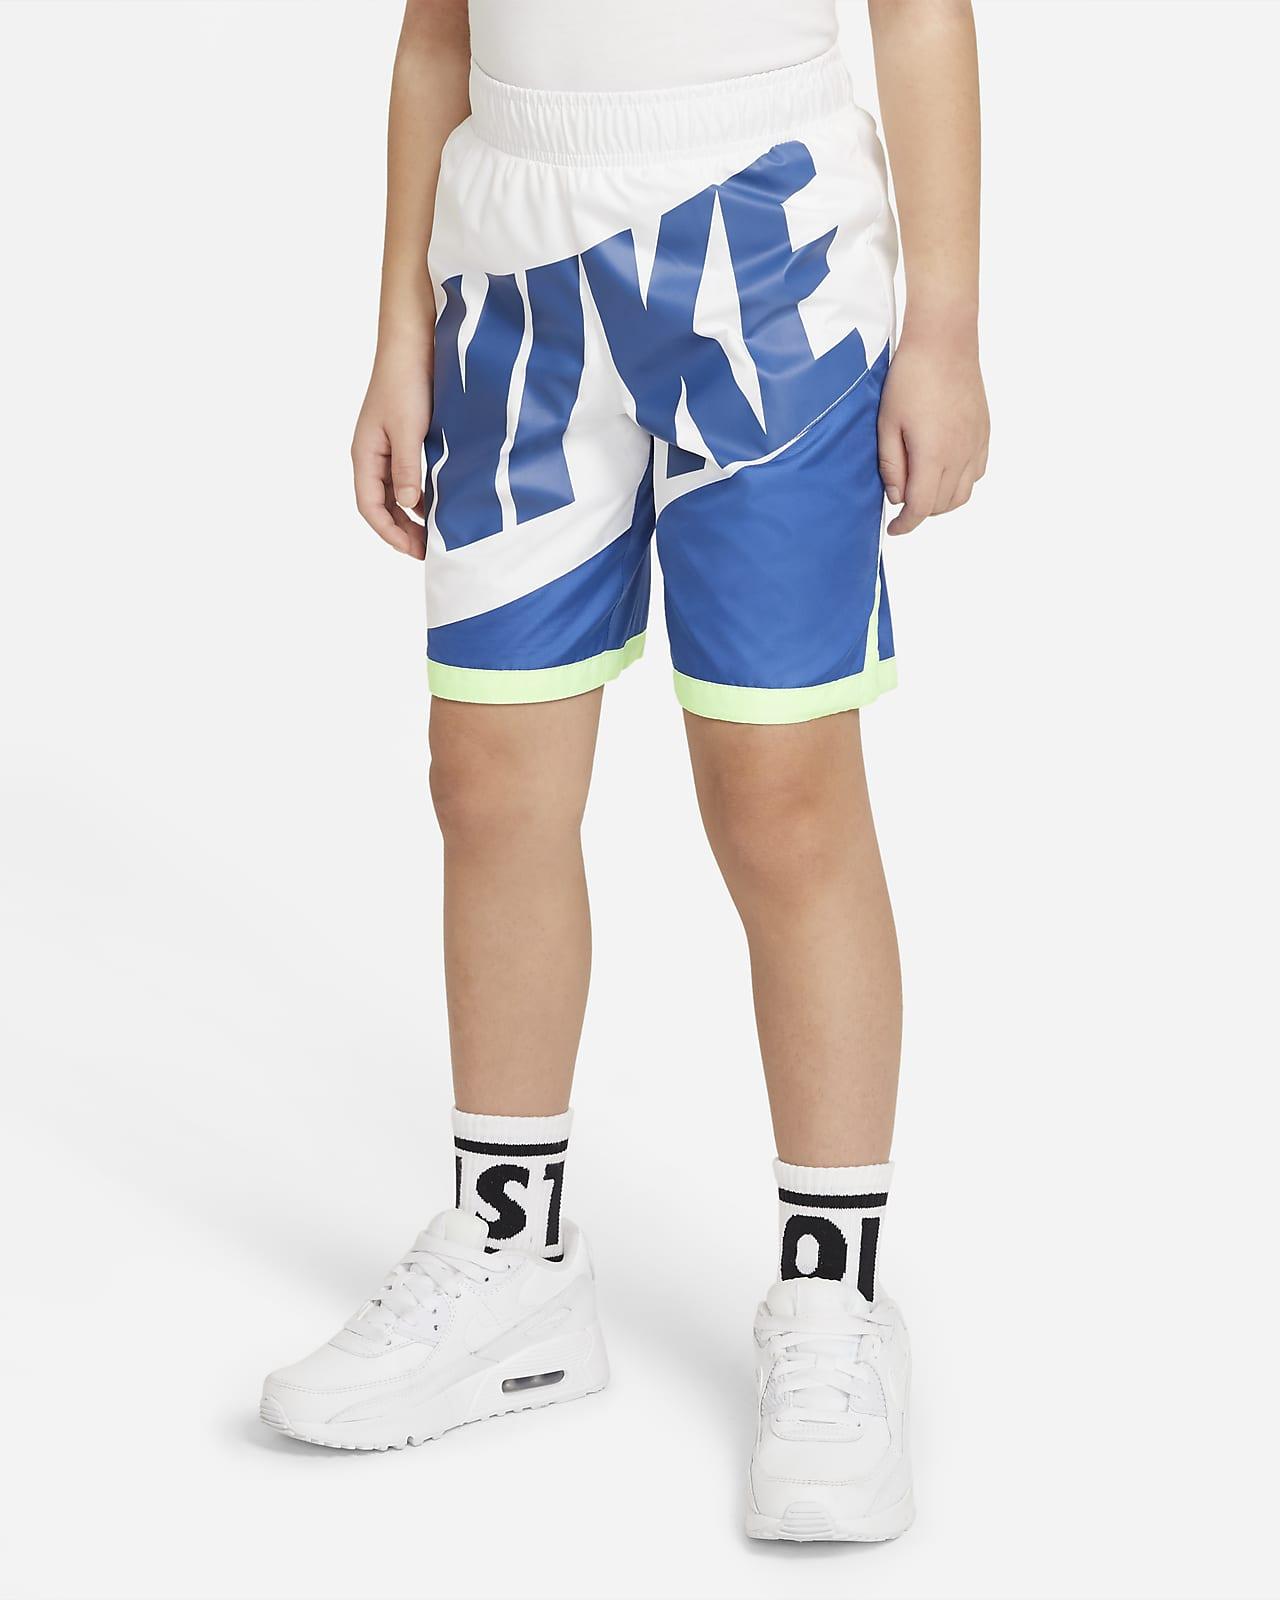 Shorts para niños talla pequeña Nike